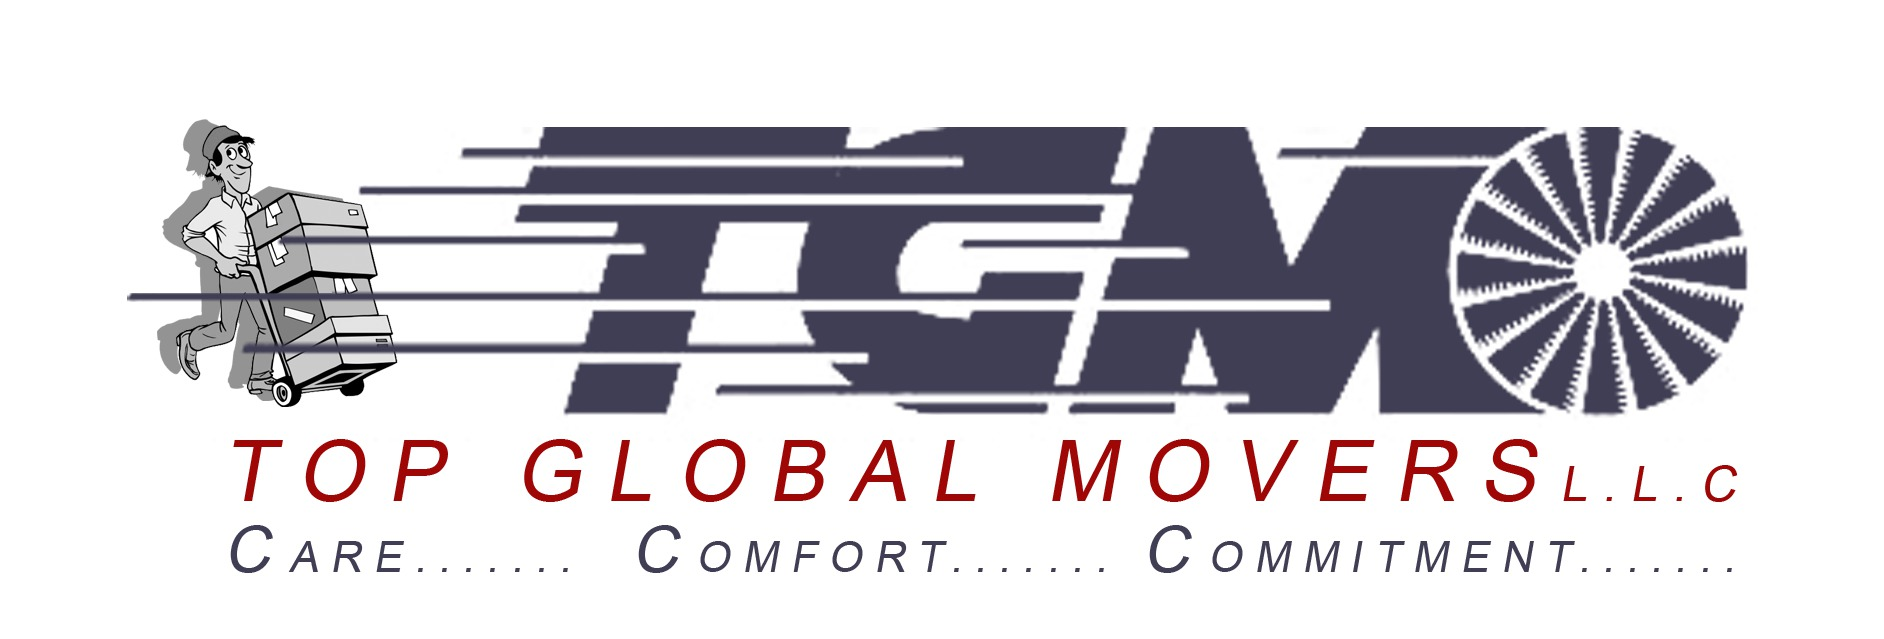 TGM LLC- Your Global Movers in Dubai